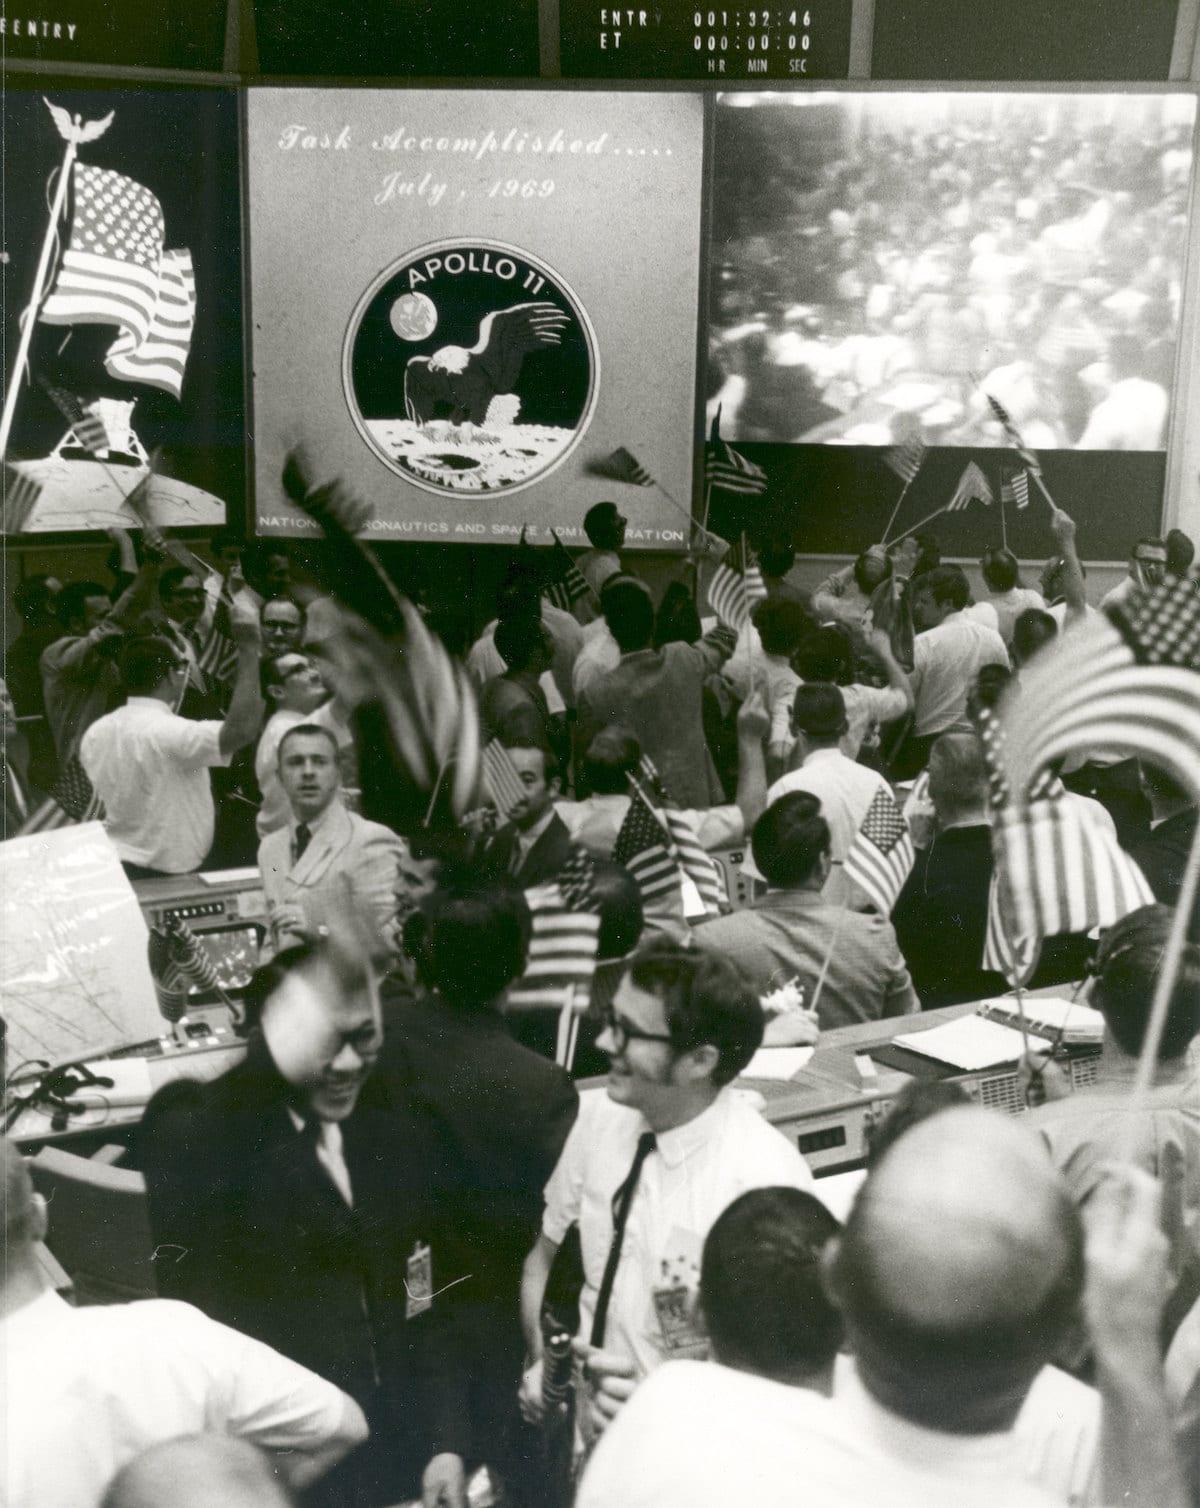 Centro de control celebra el fin de la misión Apolo 11